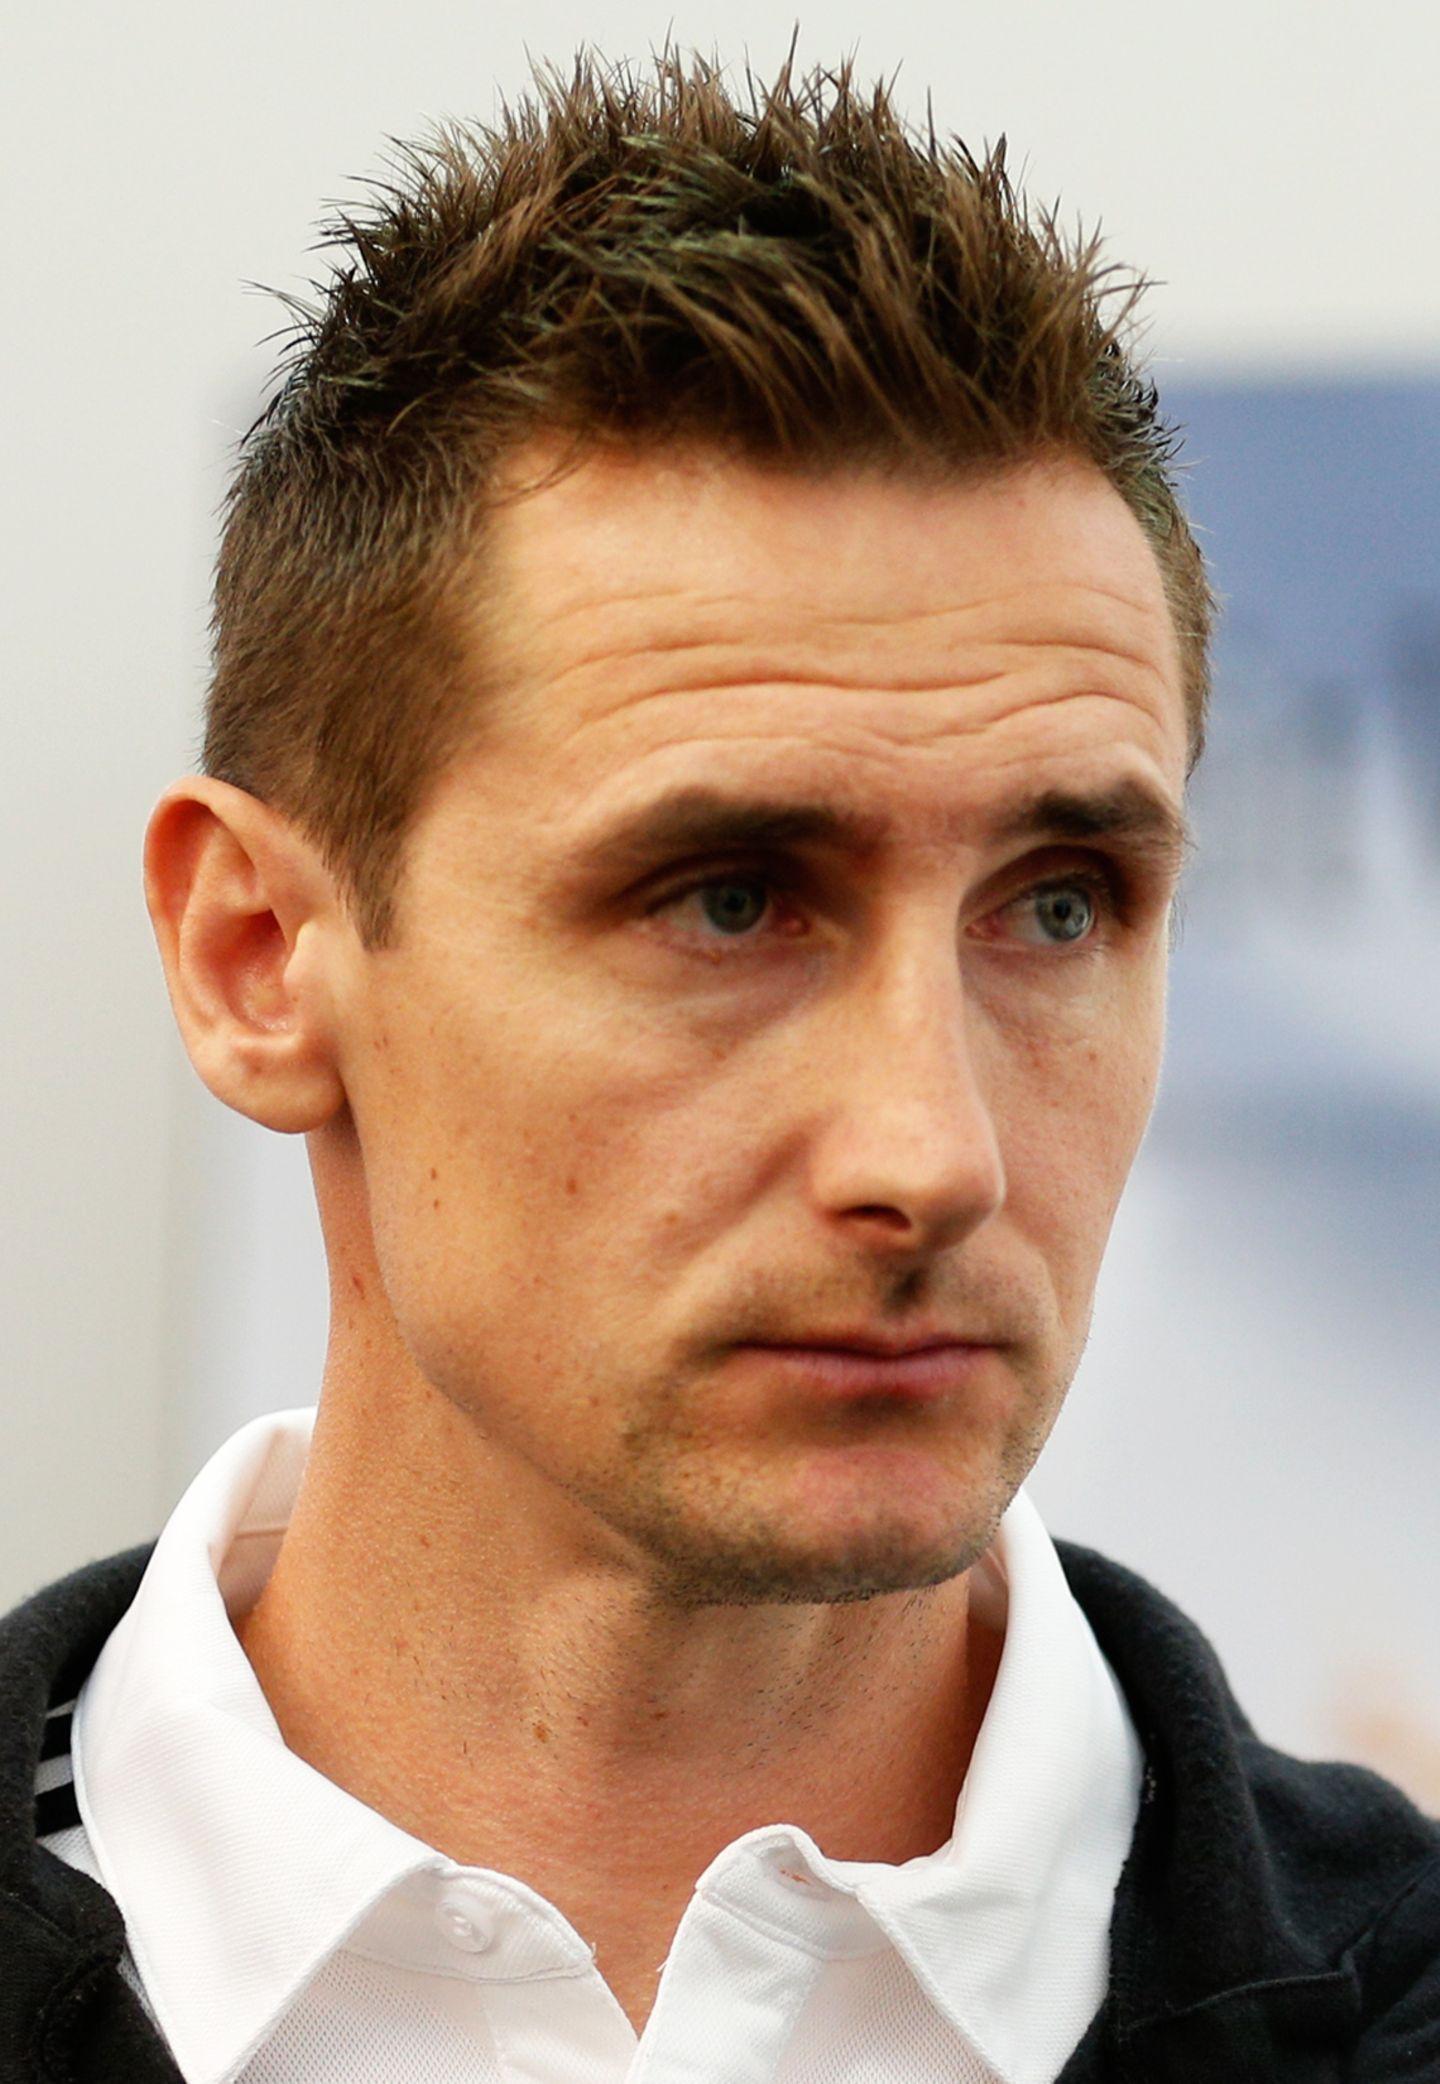 Deutschlands einziger echter Stürmer Miroslav Klose ist für seinen Freundensalto nach einem gelungenen Tor bekannt. Seien wir ehrlich: Aufgrund seiner Frisur sticht der Fußballer mit polnischen Wurzeln auch nicht unbedingt heraus.